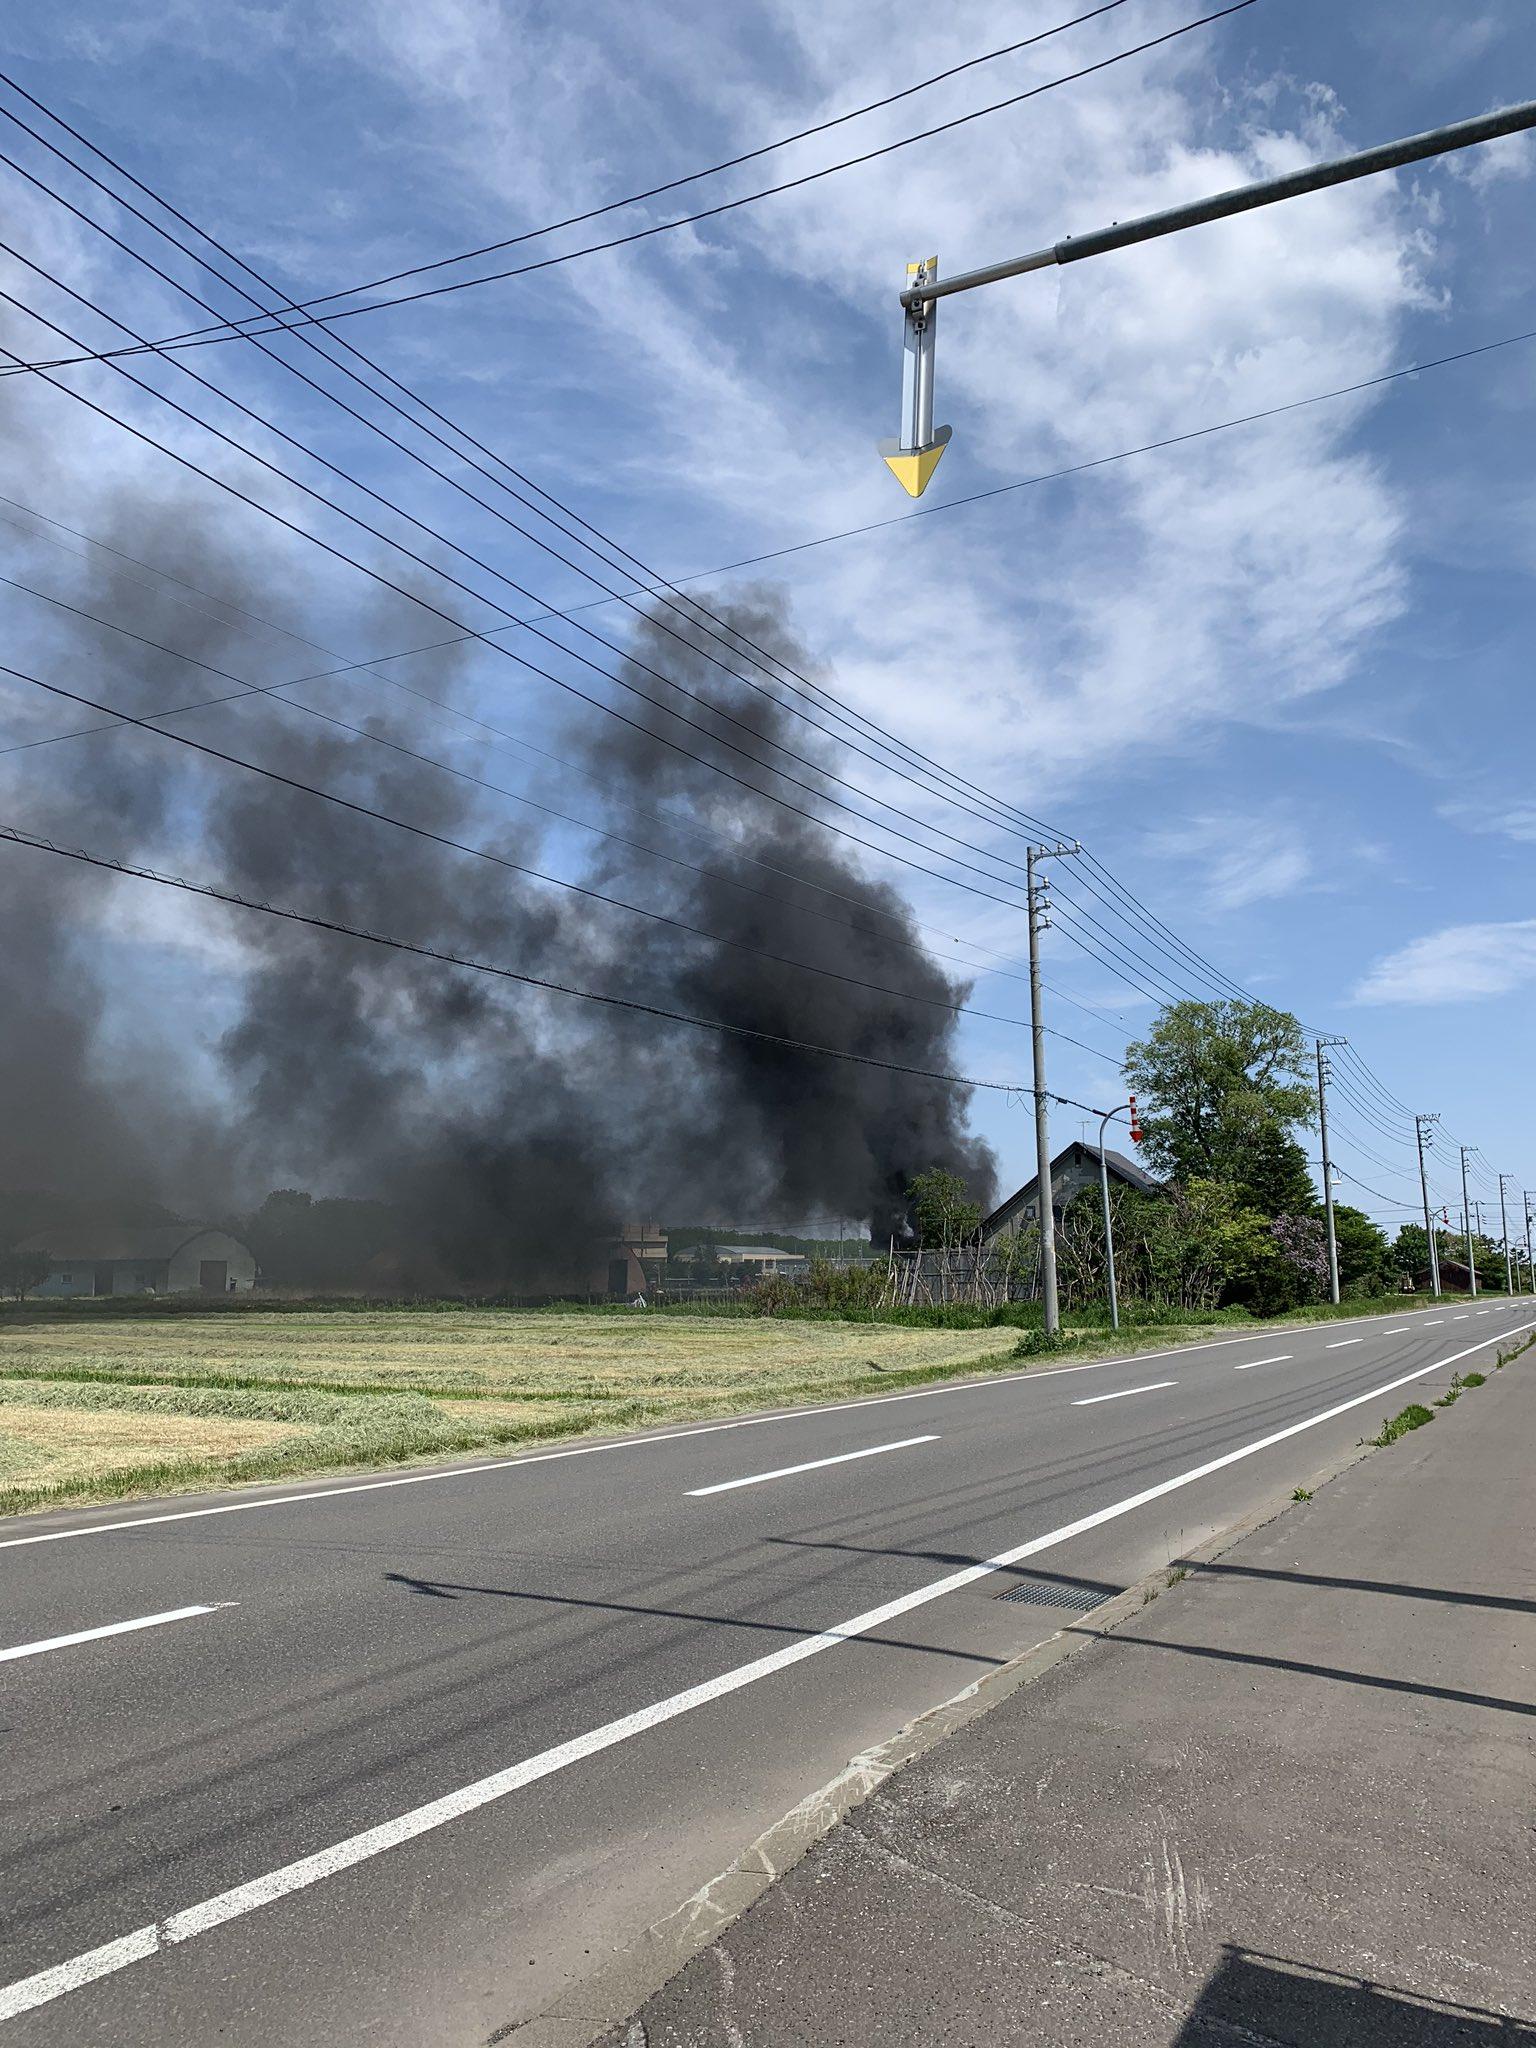 石狩市樽川で火事が起きてる現場の画像